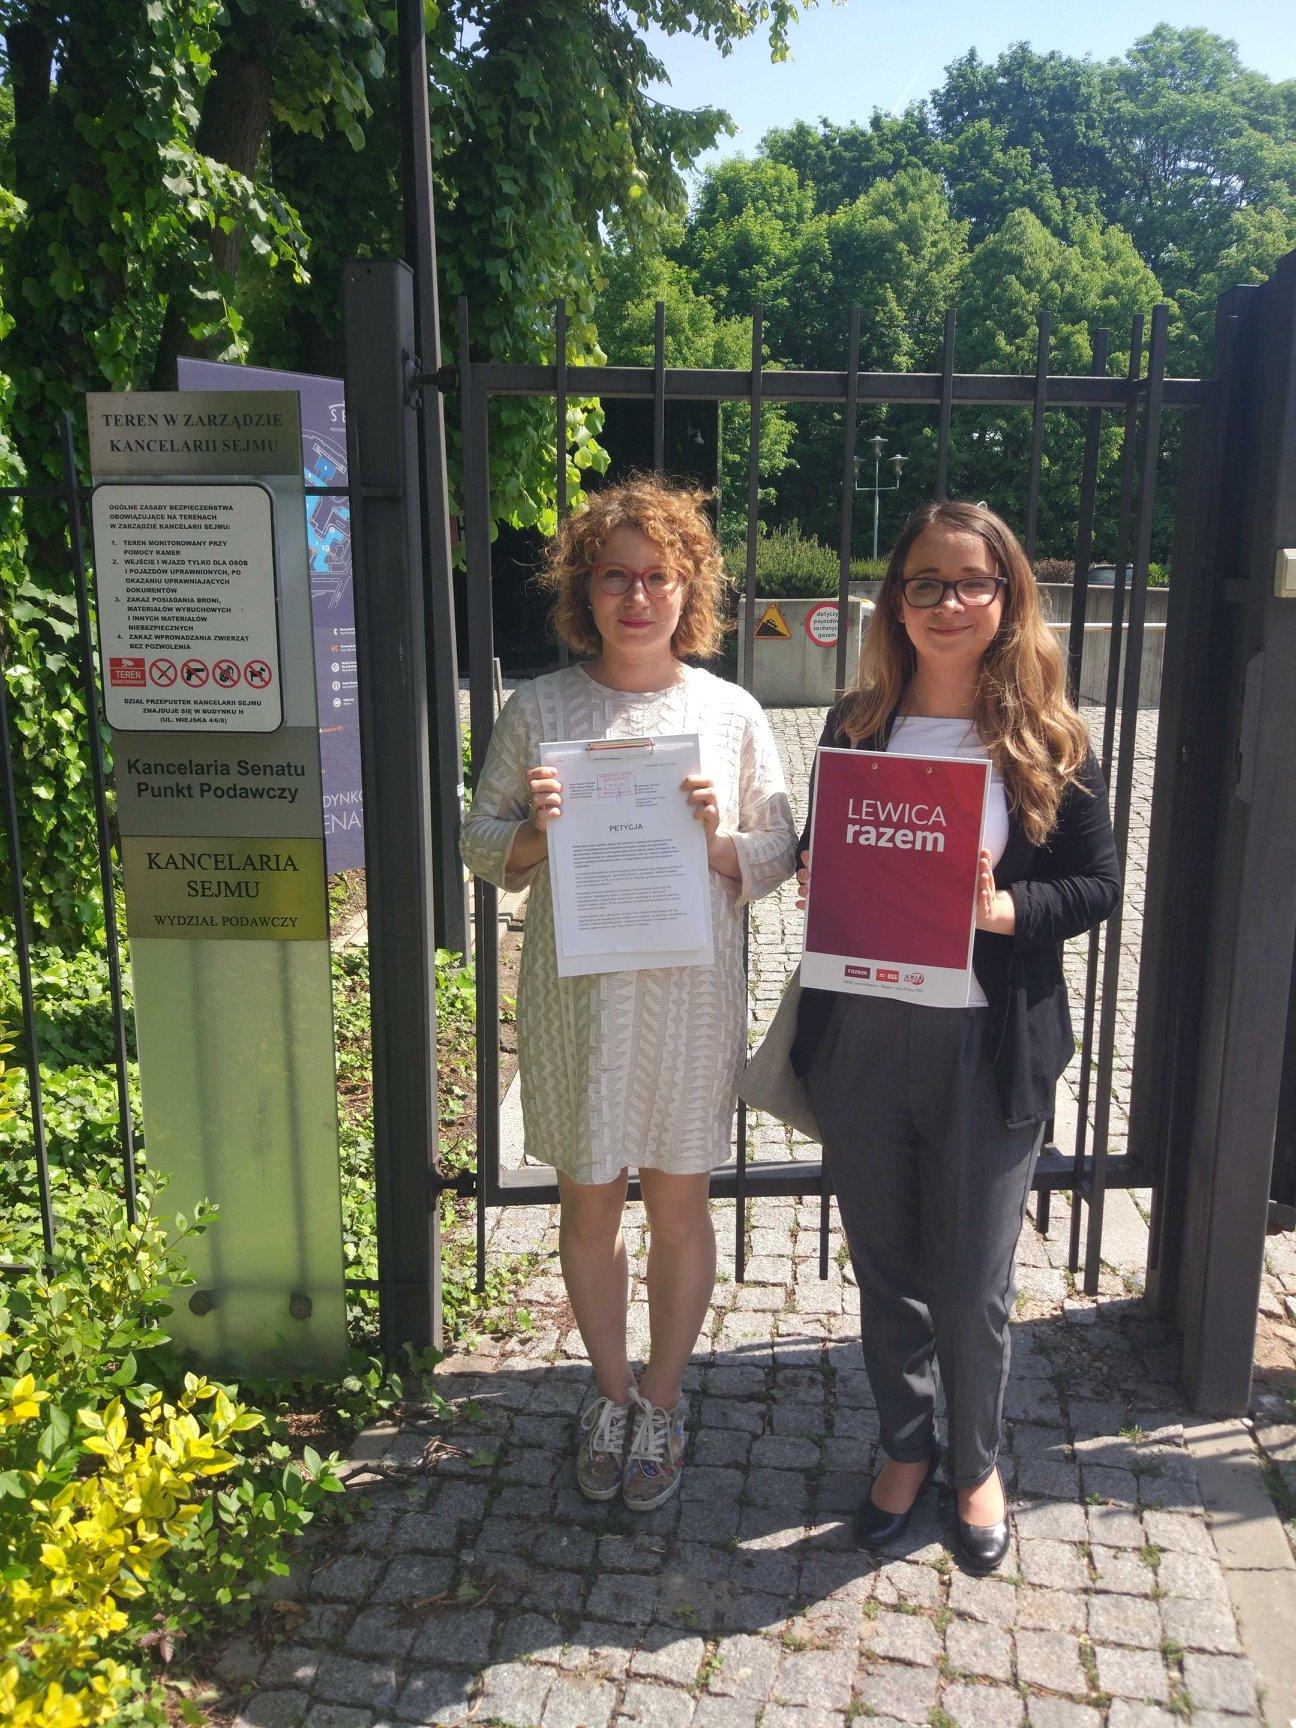 Złożyłyśmy z Daria Gosek-Popiołek petycję o zniesienie opłat za pobyt rodziców o